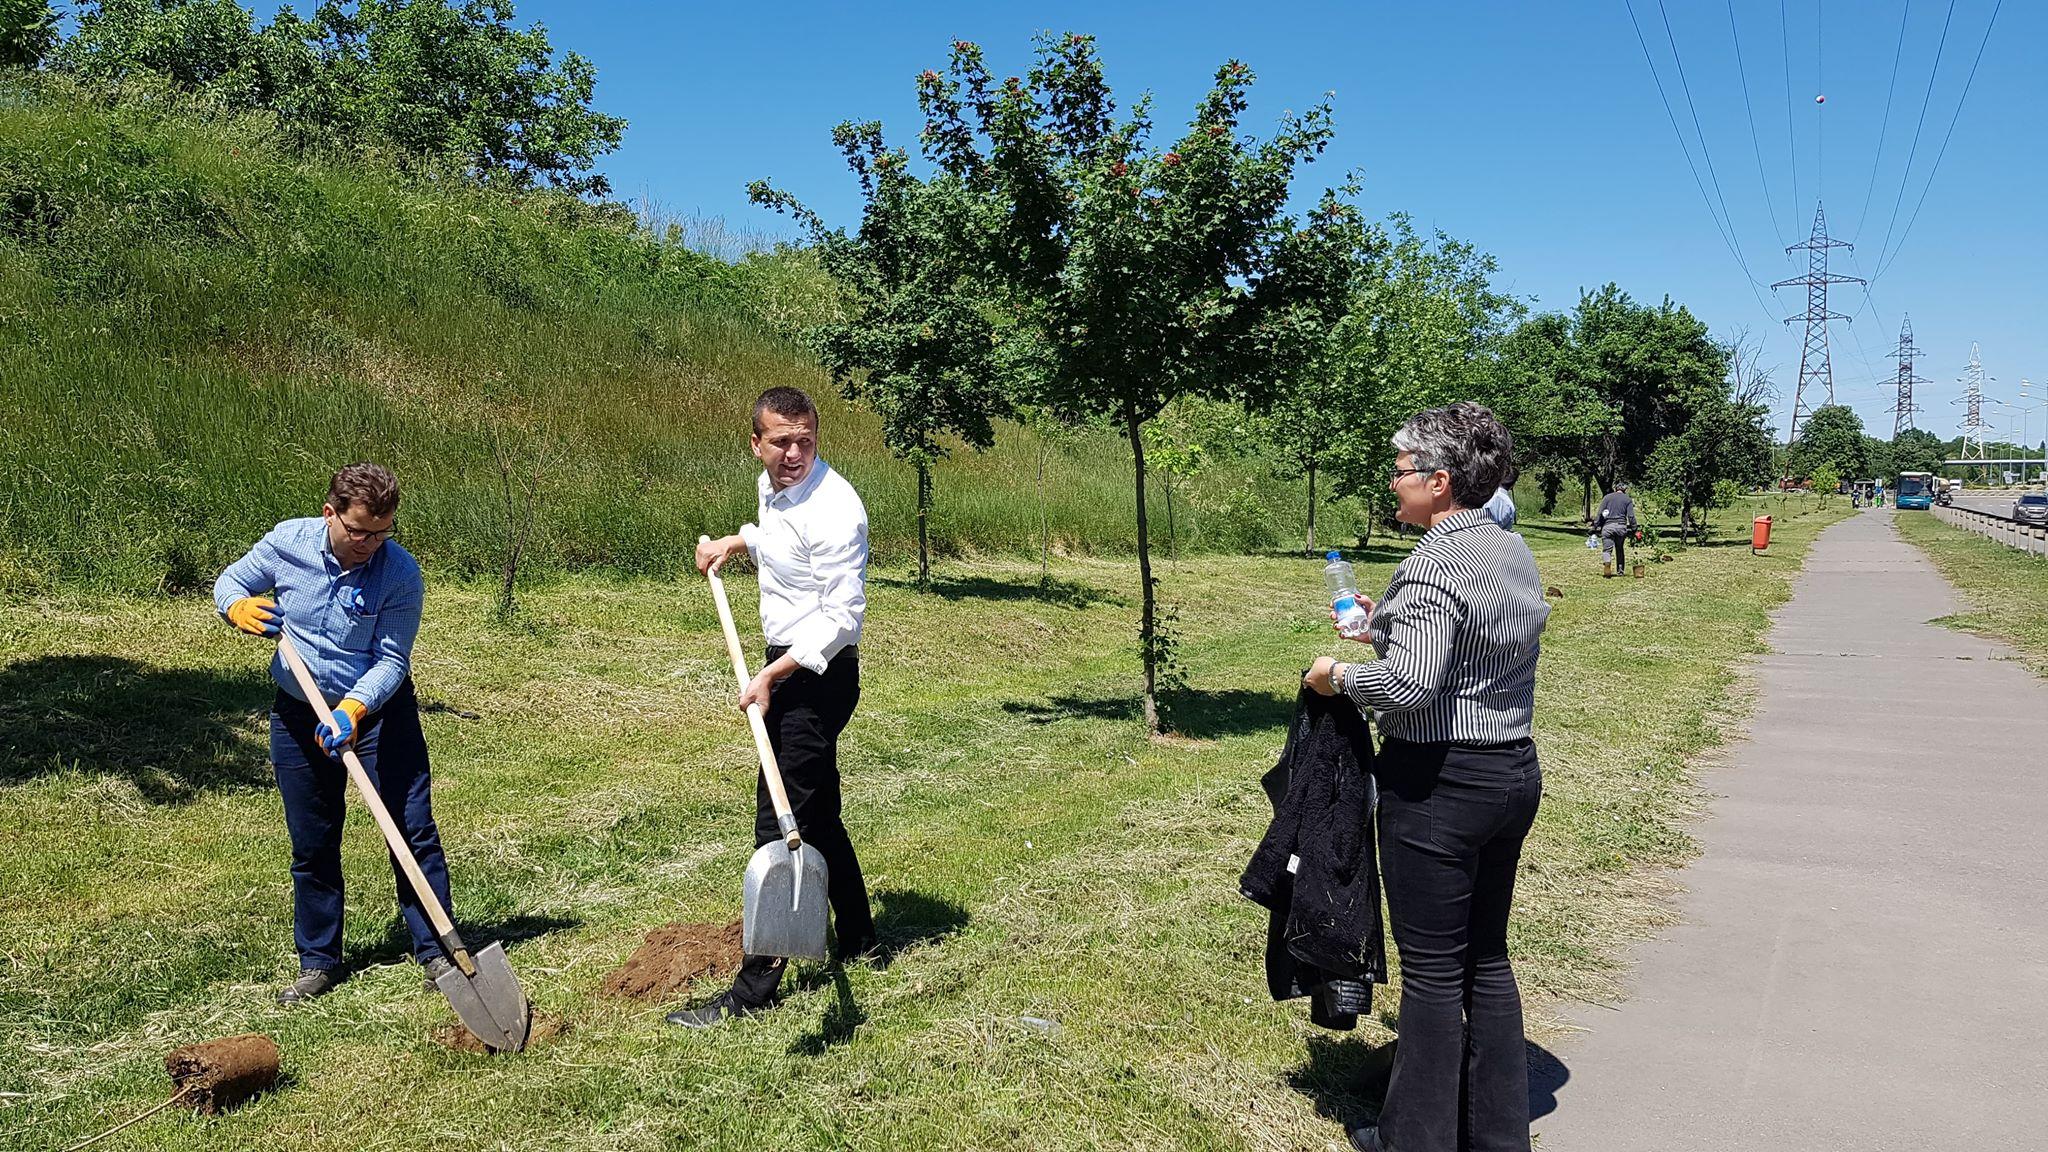 FOTO: Plantare arbori Oradea 22.05.2020